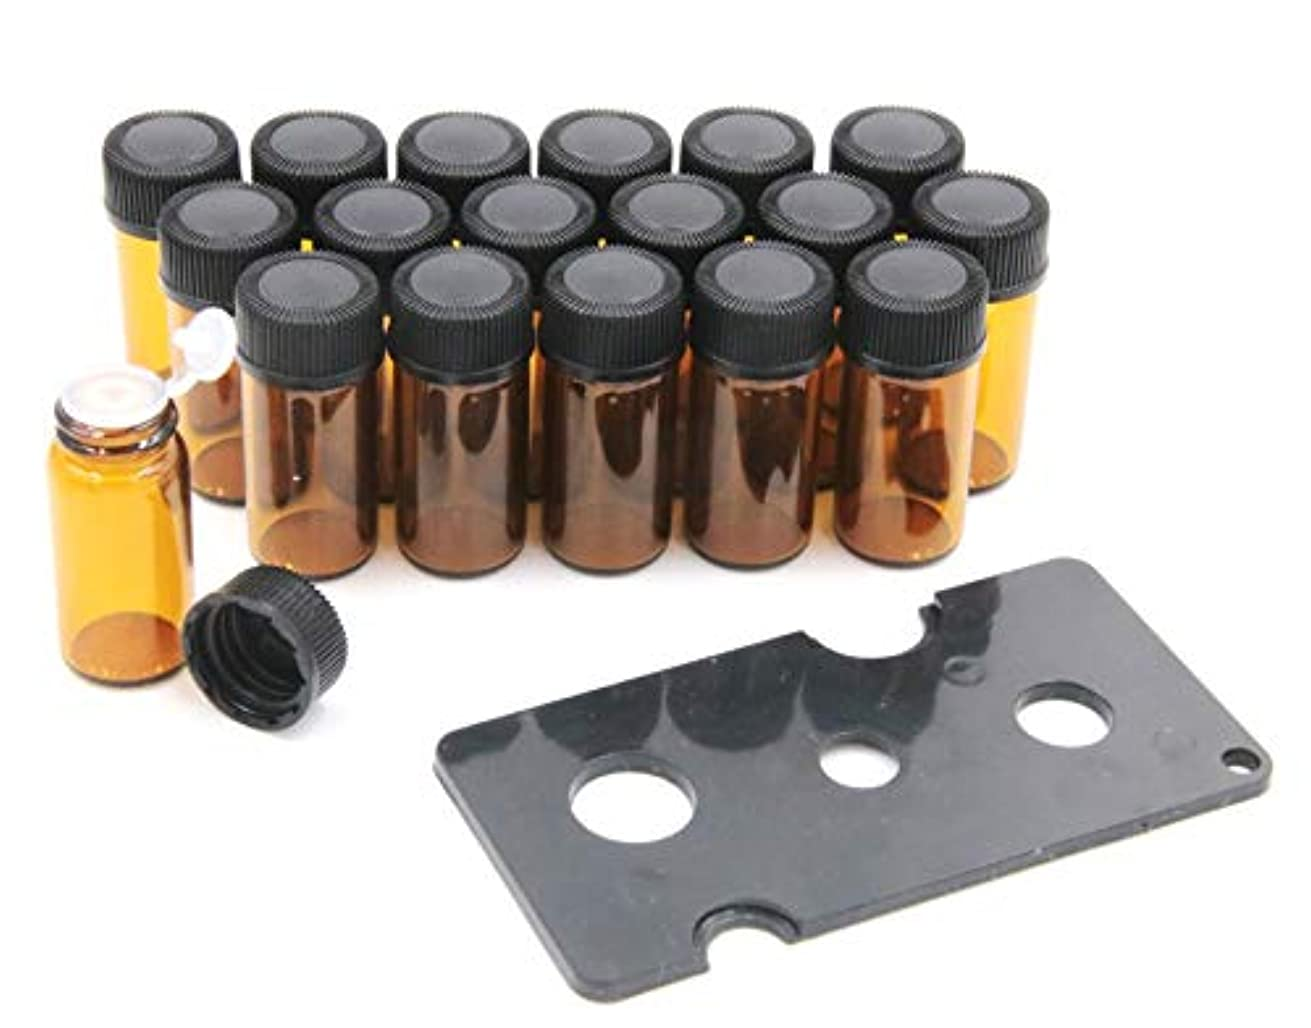 ジャニスクラシカル行商人XPdesign アロマ 小分け遮光瓶 アロマオイル 遮光瓶 保存 容器 詰め替え 香水 ボトル 耐熱ガラス (3ml 18本セット)